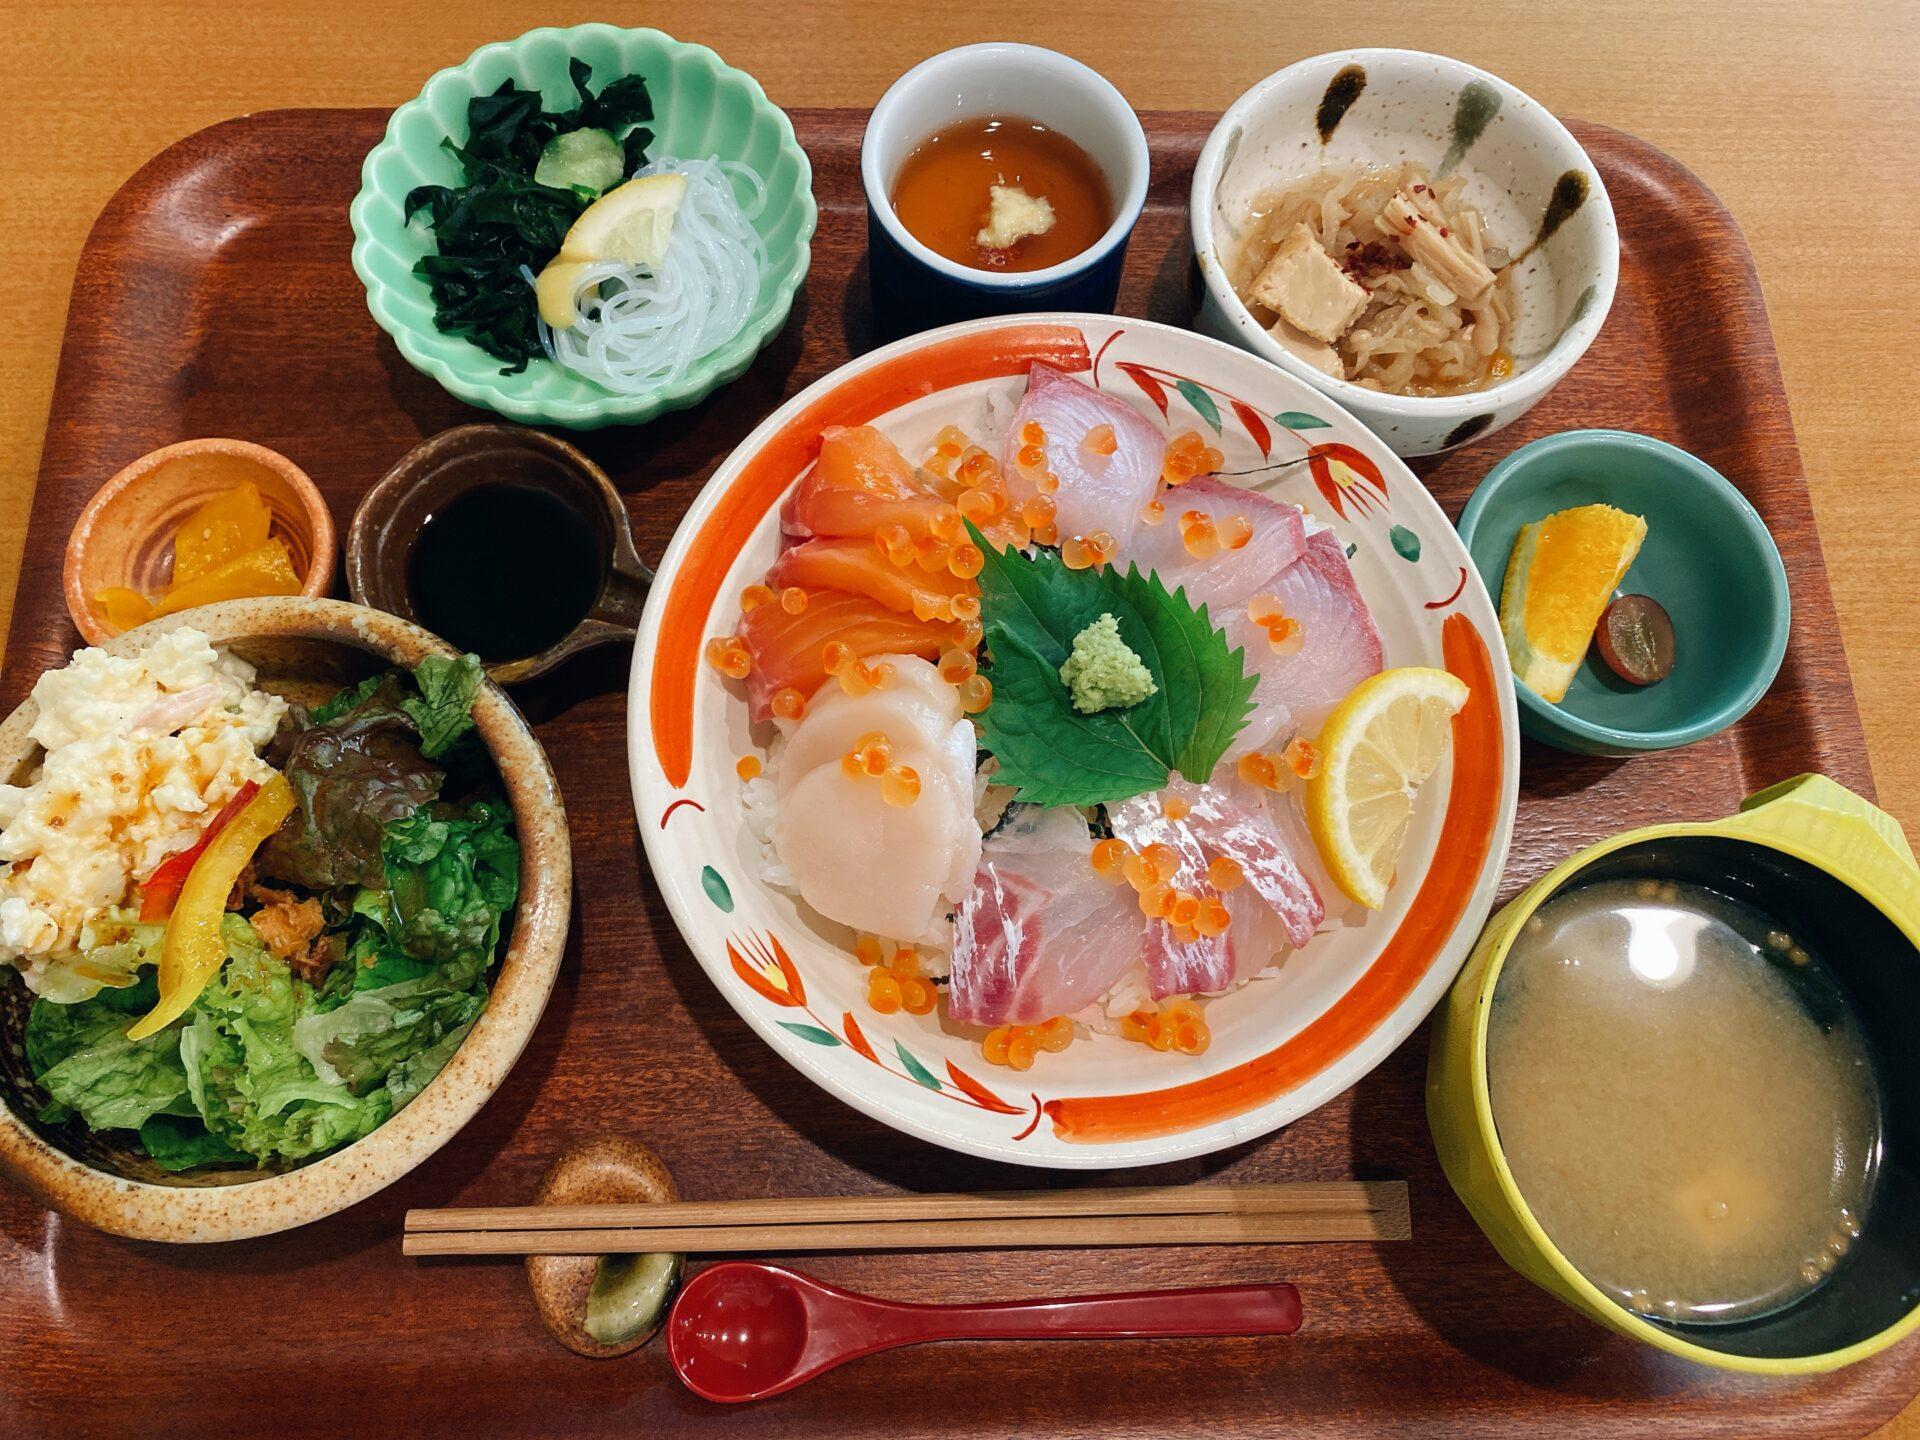 岡山市南区【食堂ワンスター】ランチタイムに食べた海鮮丼スペシャルと日替りヒレカツに満足!